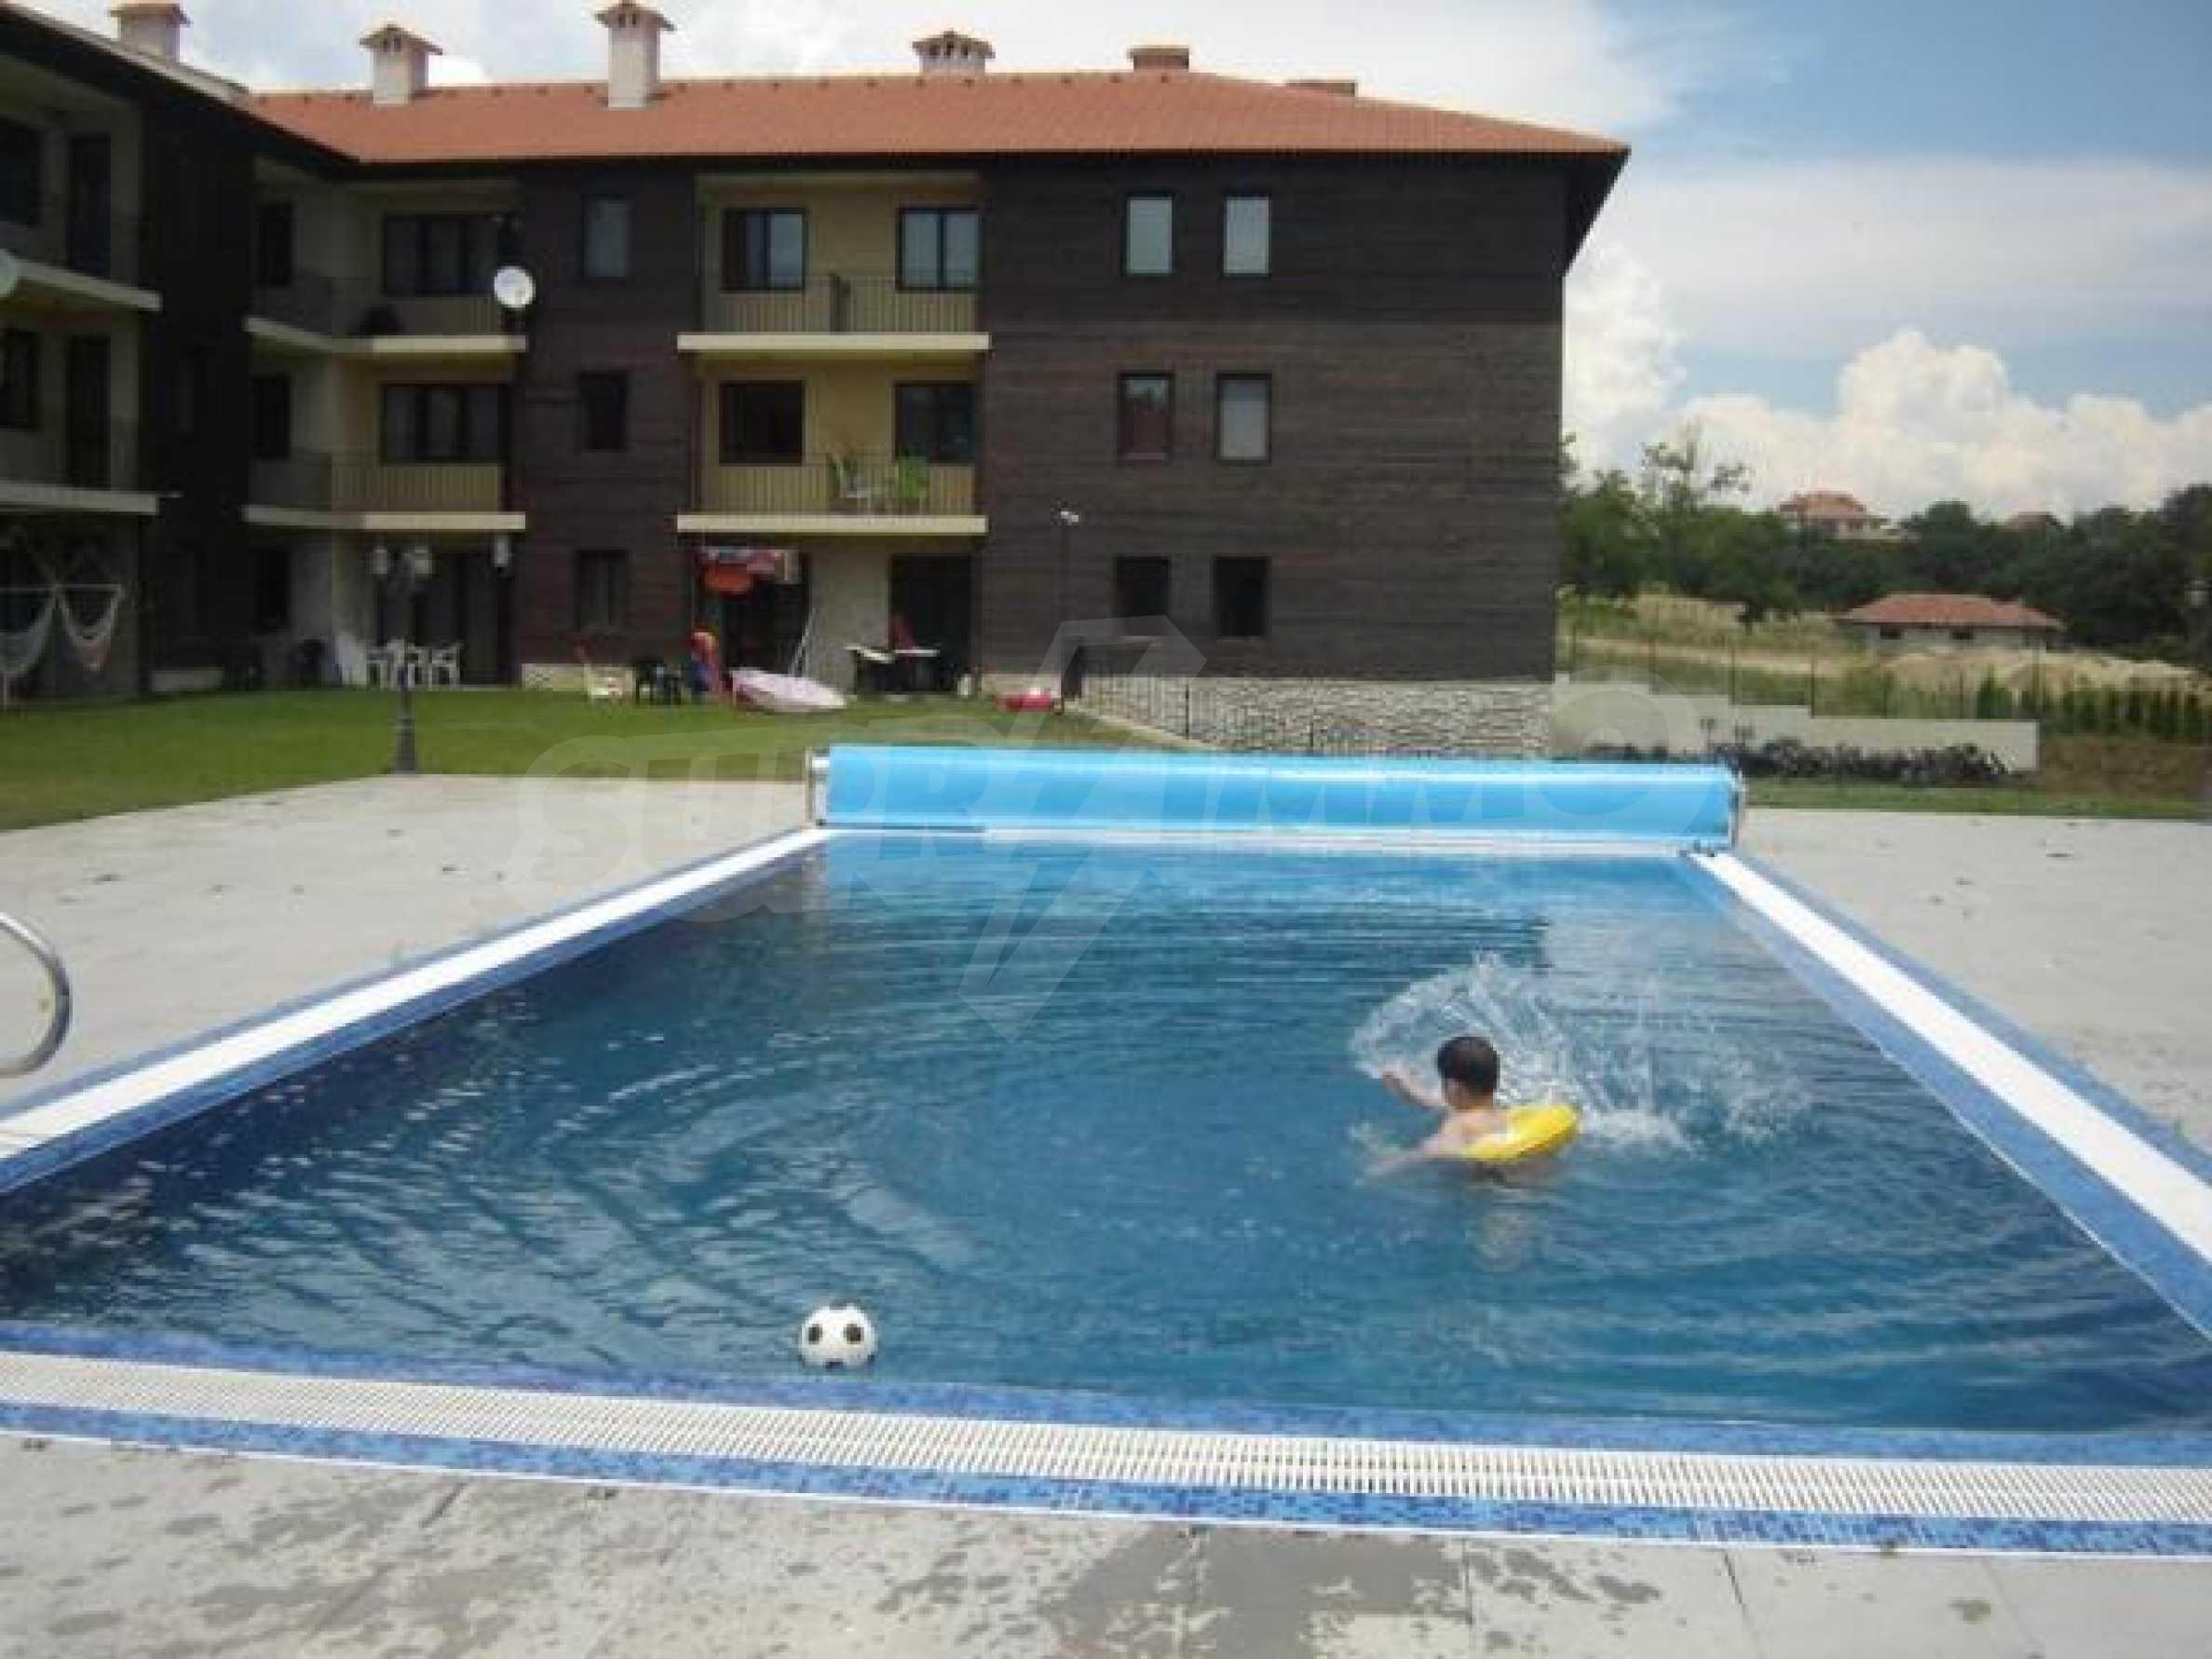 Большая квартира в закрытом комплексе с бассейном в эко-районе недалеко от Варны 12